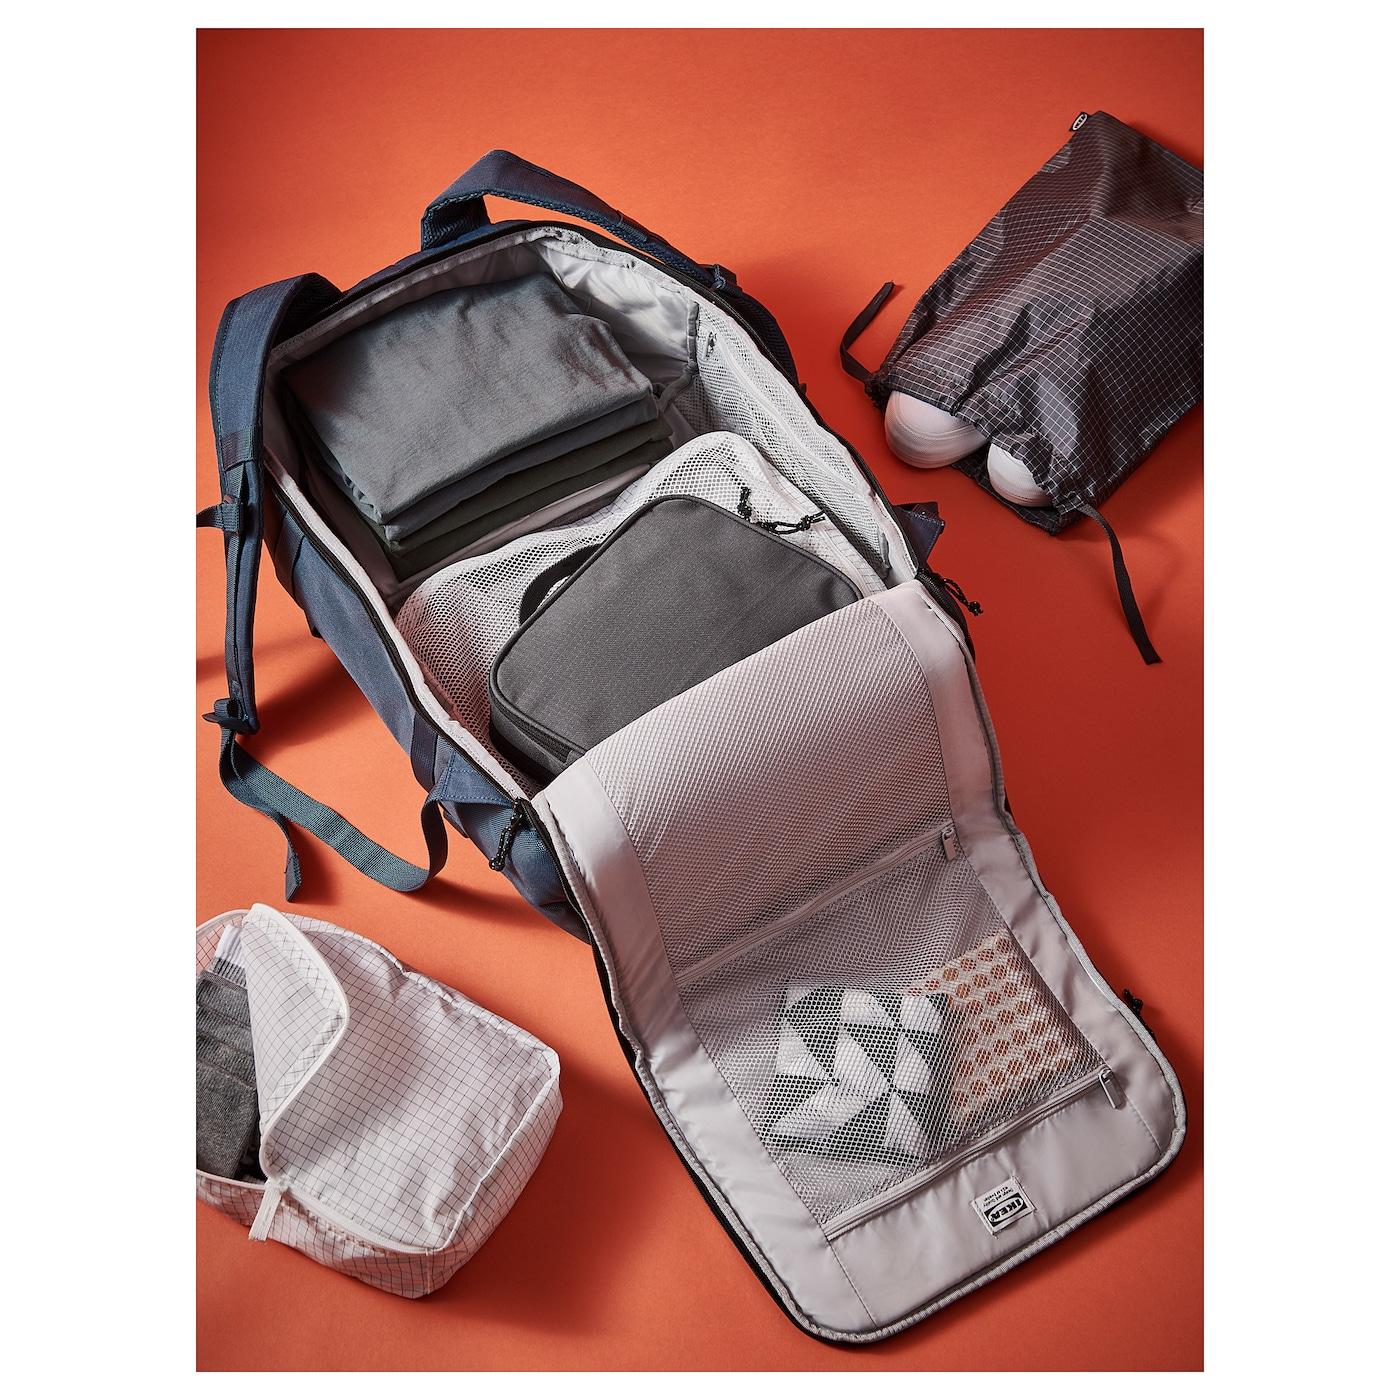 Reisetaschen, Rucksäcke & Reisezubehör IKEA Österreich